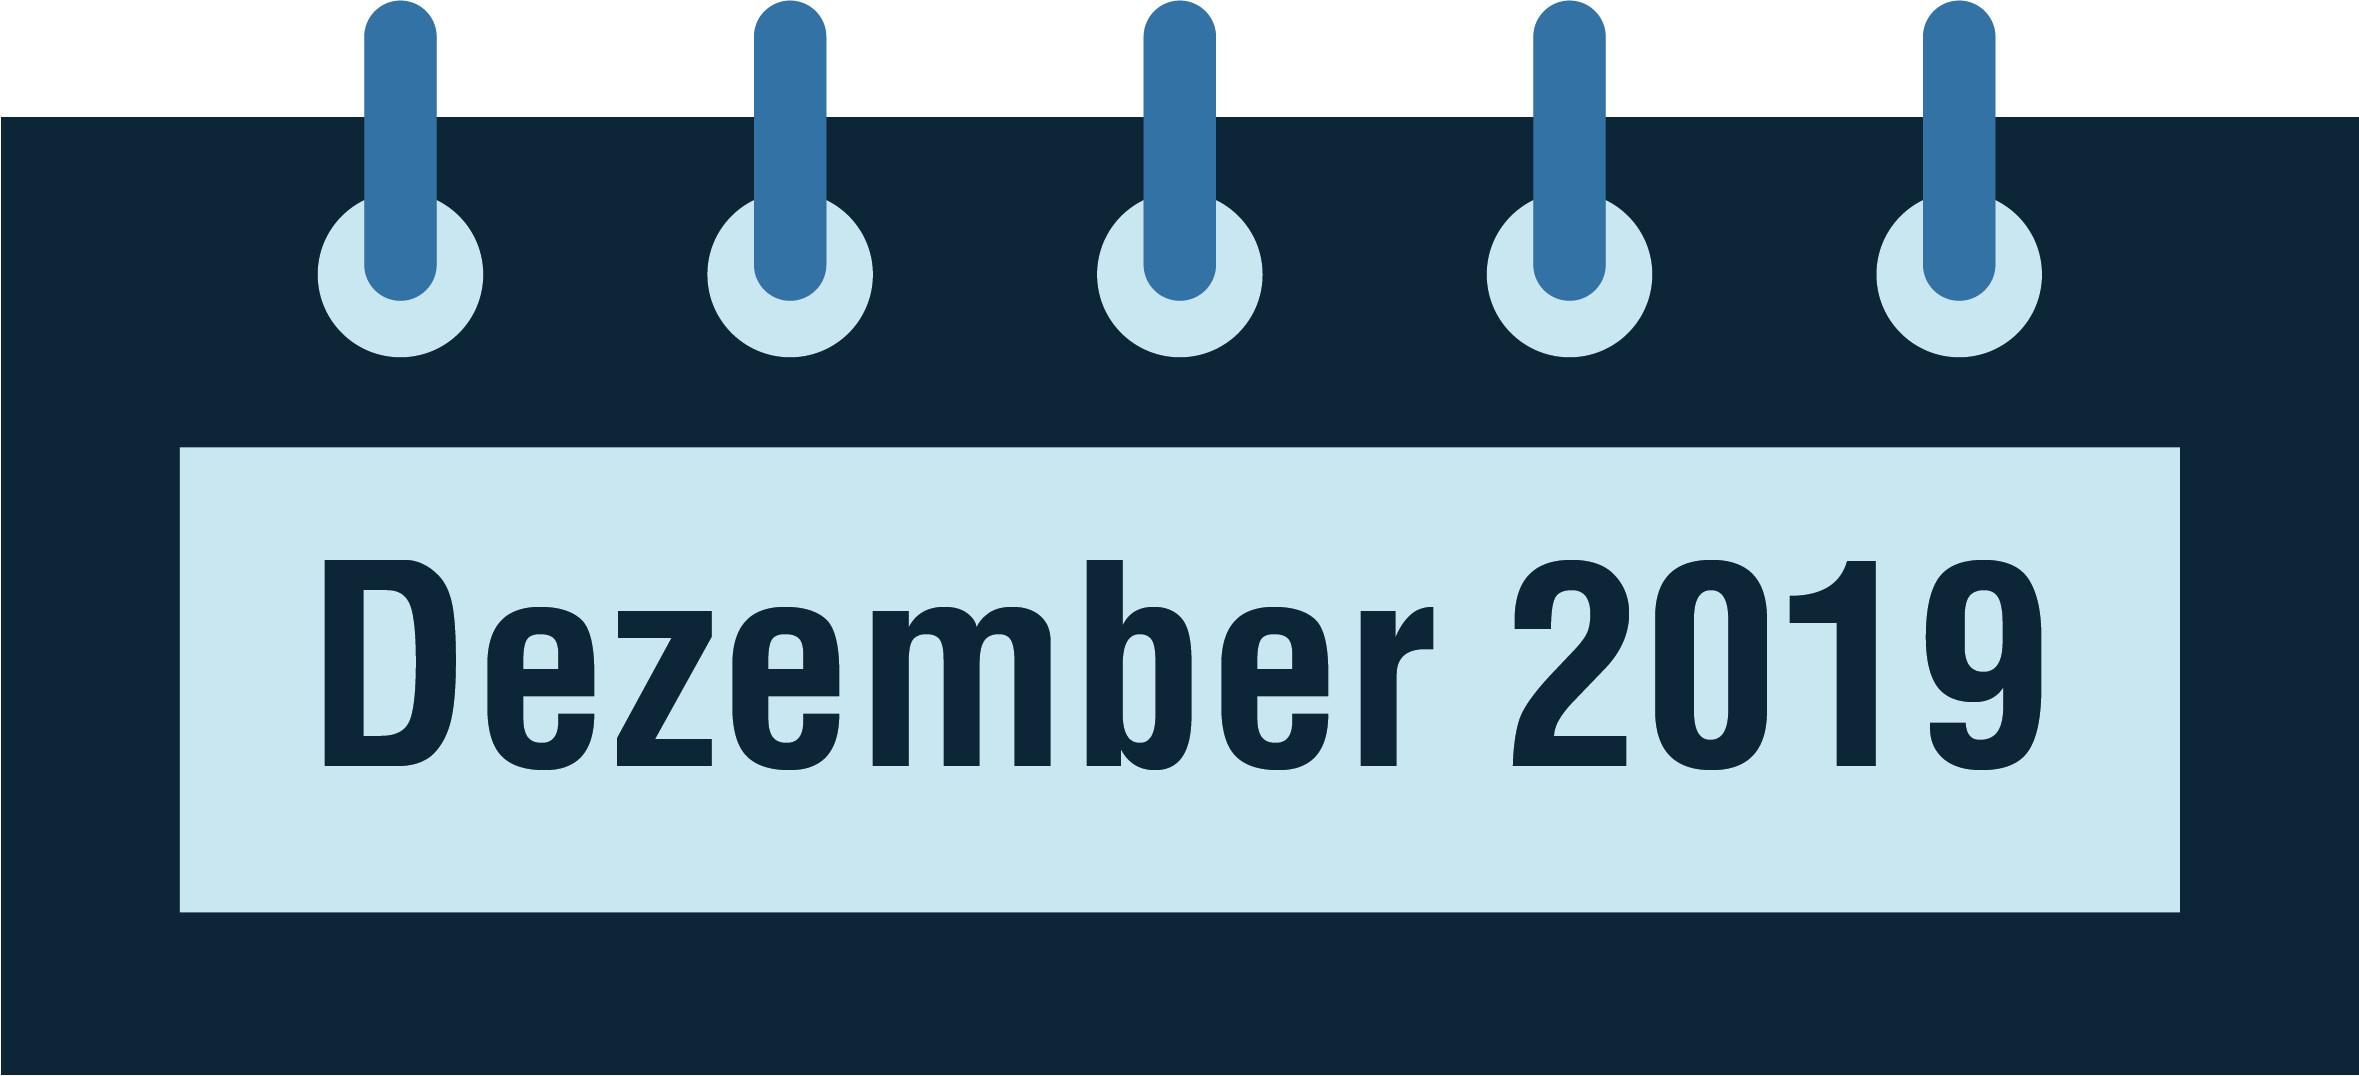 NeuroCheck Geschichte - Dezember 2019 (Foto © NeuroCheck)